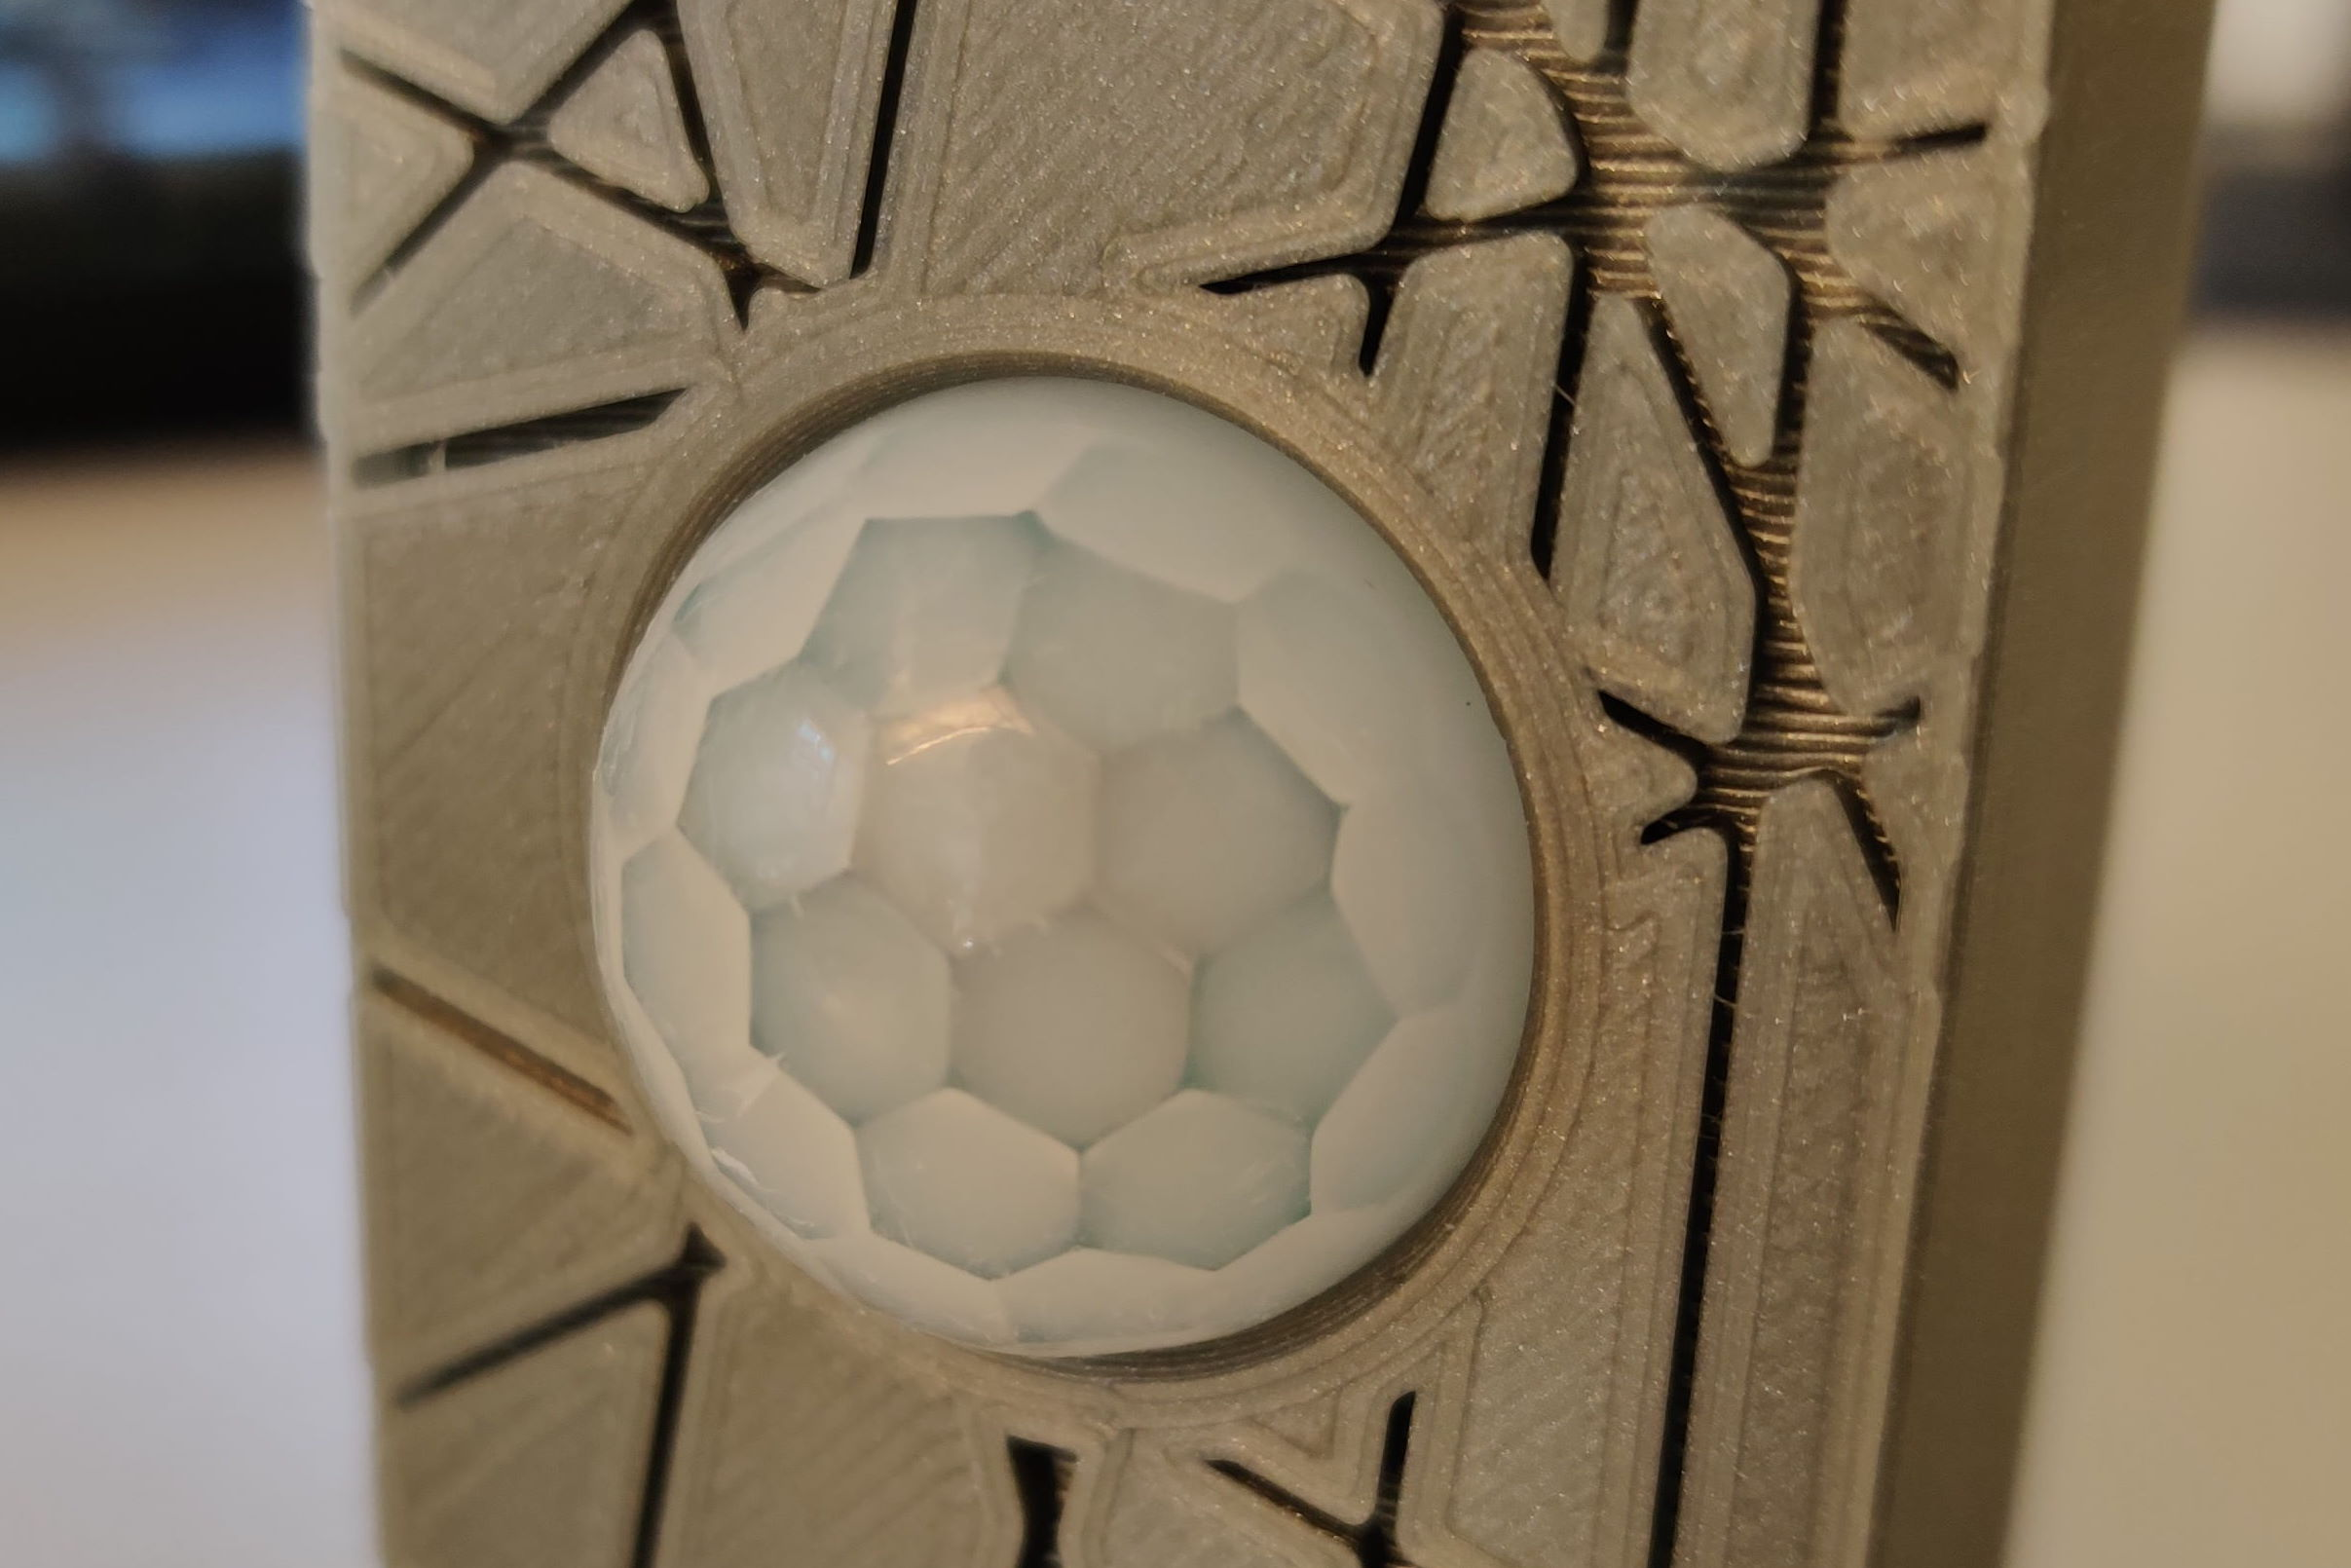 L'impression 3D améliore l'apparence du matériel prototype IoT